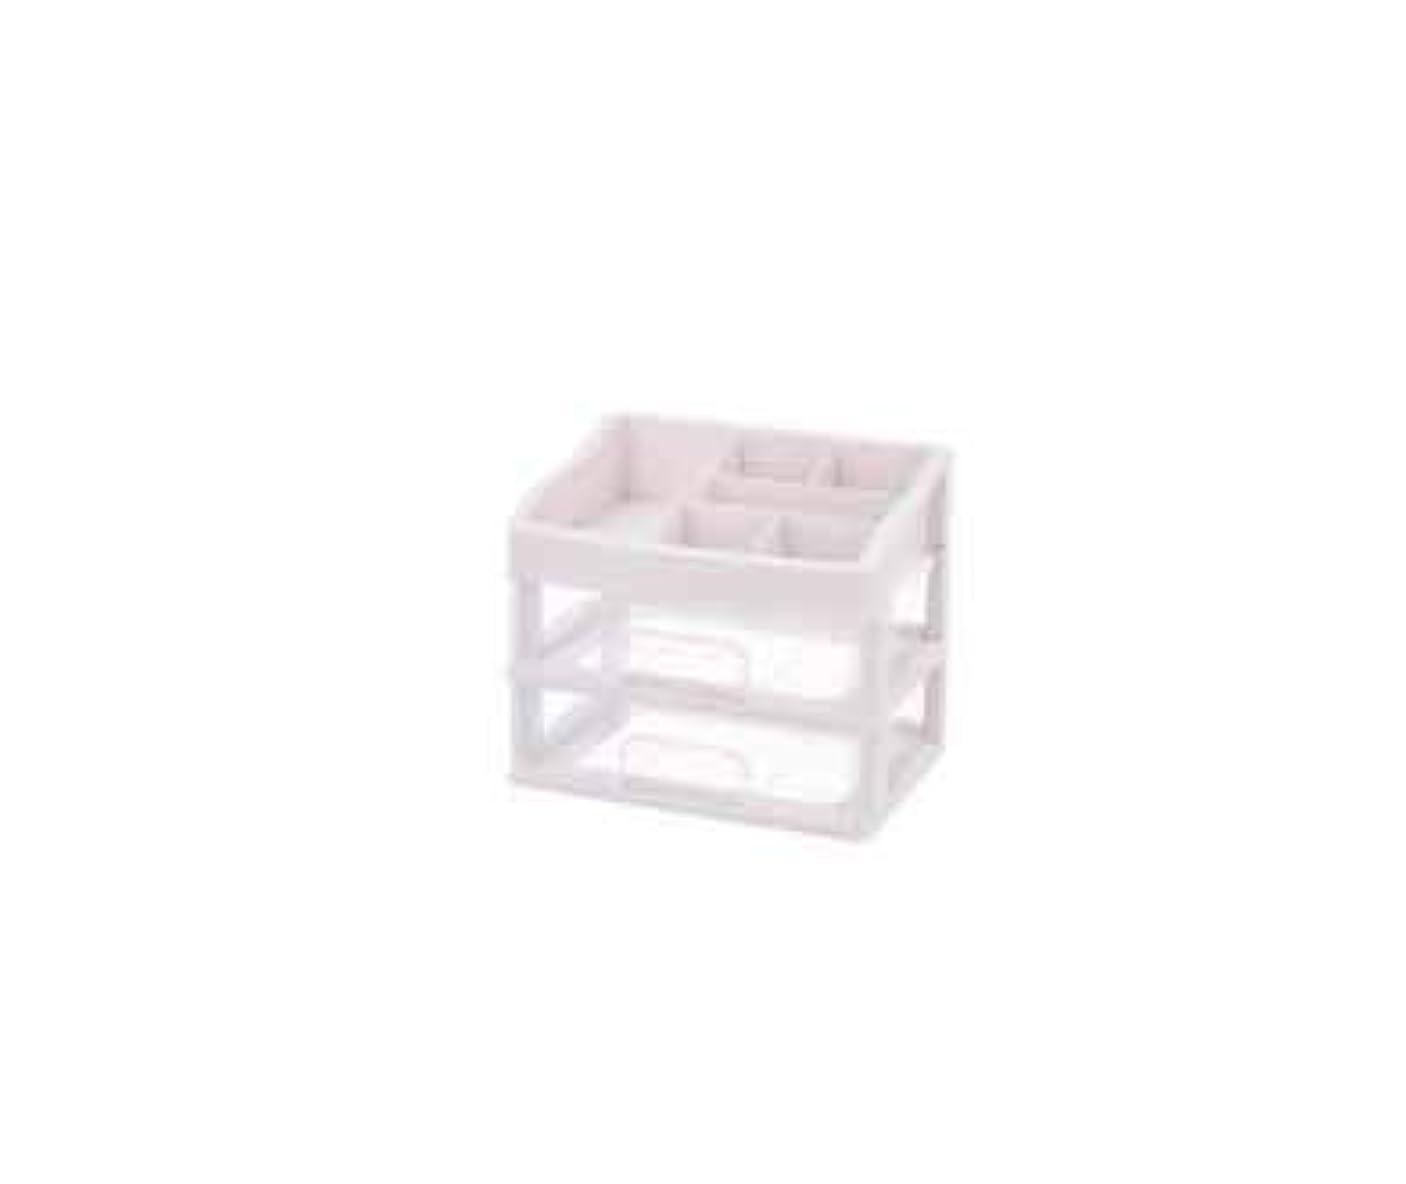 空いている支配的弾薬化粧品収納ボックス透明引き出しタイプデスクトップ収納ラック化粧台化粧品ケーススキンケア用品 (Size : M)